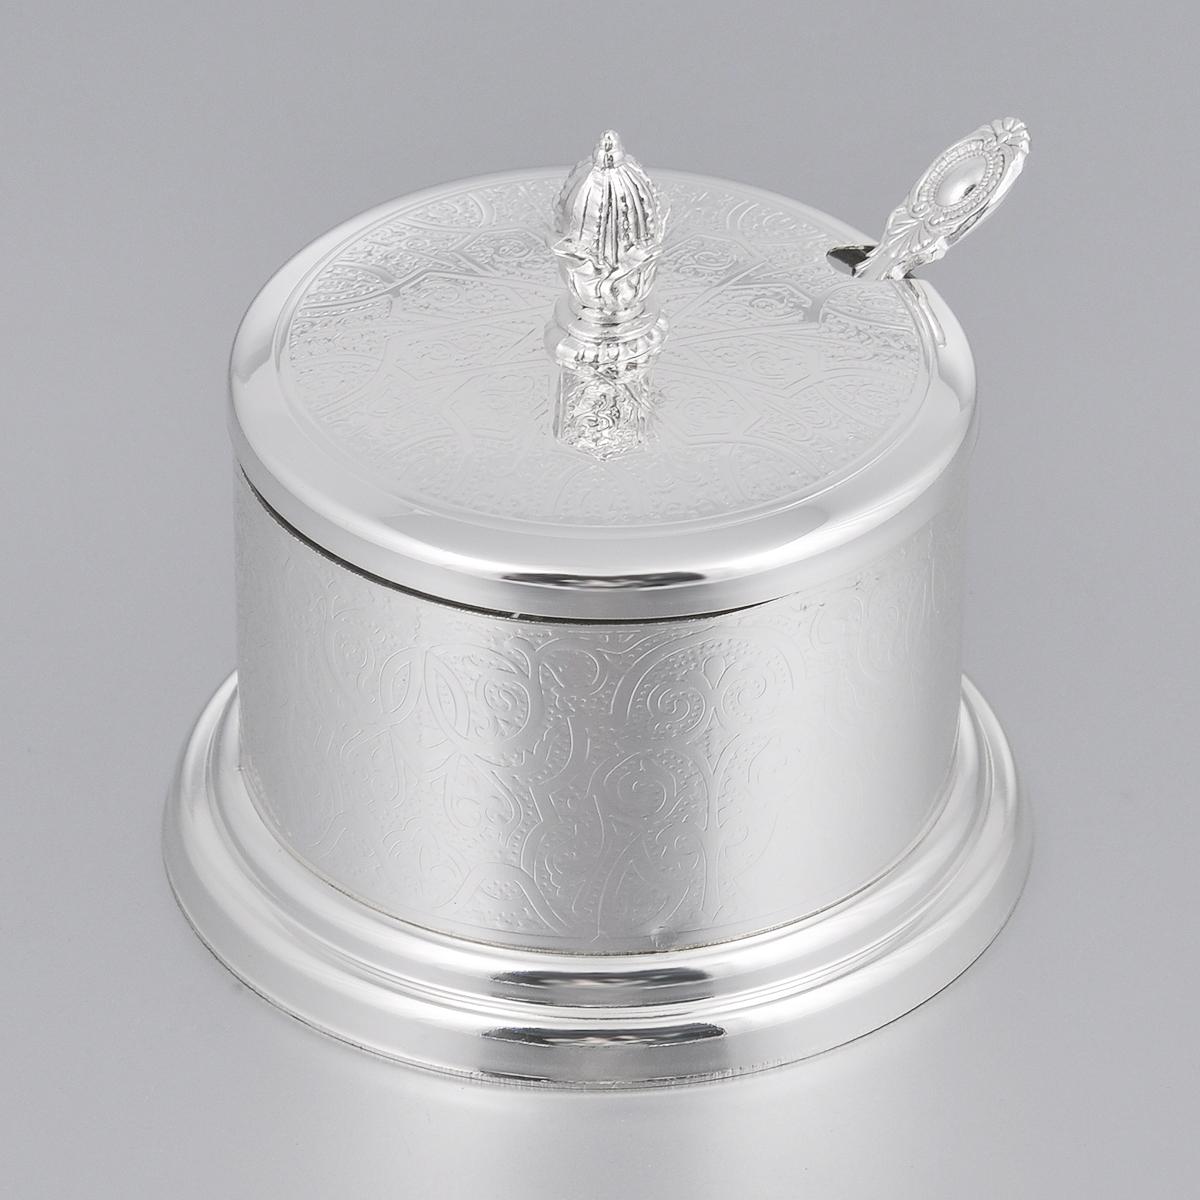 Сахарница Marquis, с ложечкой. 7070-MR7070-MRСахарница Marquis изготовлена из стали с никель-серебряным покрытием. Изделие выполнено в классическом стиле и украшено изящным рельефом. Сахарница оснащена стеклянной емкостью и крышкой. В комплект к сахарнице прилагается ложечка. На крышке предусмотрена специальная выемка для ложечки. Сахарница Marquis станет незаменимым атрибутом любого чаепития, праздничного, вечернего или на открытом воздухе, а также подчеркнет ваш изысканный вкус. Диаметр сахарницы (по верхнему краю): 9 см. Высота сахарницы (без учета крышки): 6 см. Длина ложечки: 12 см.